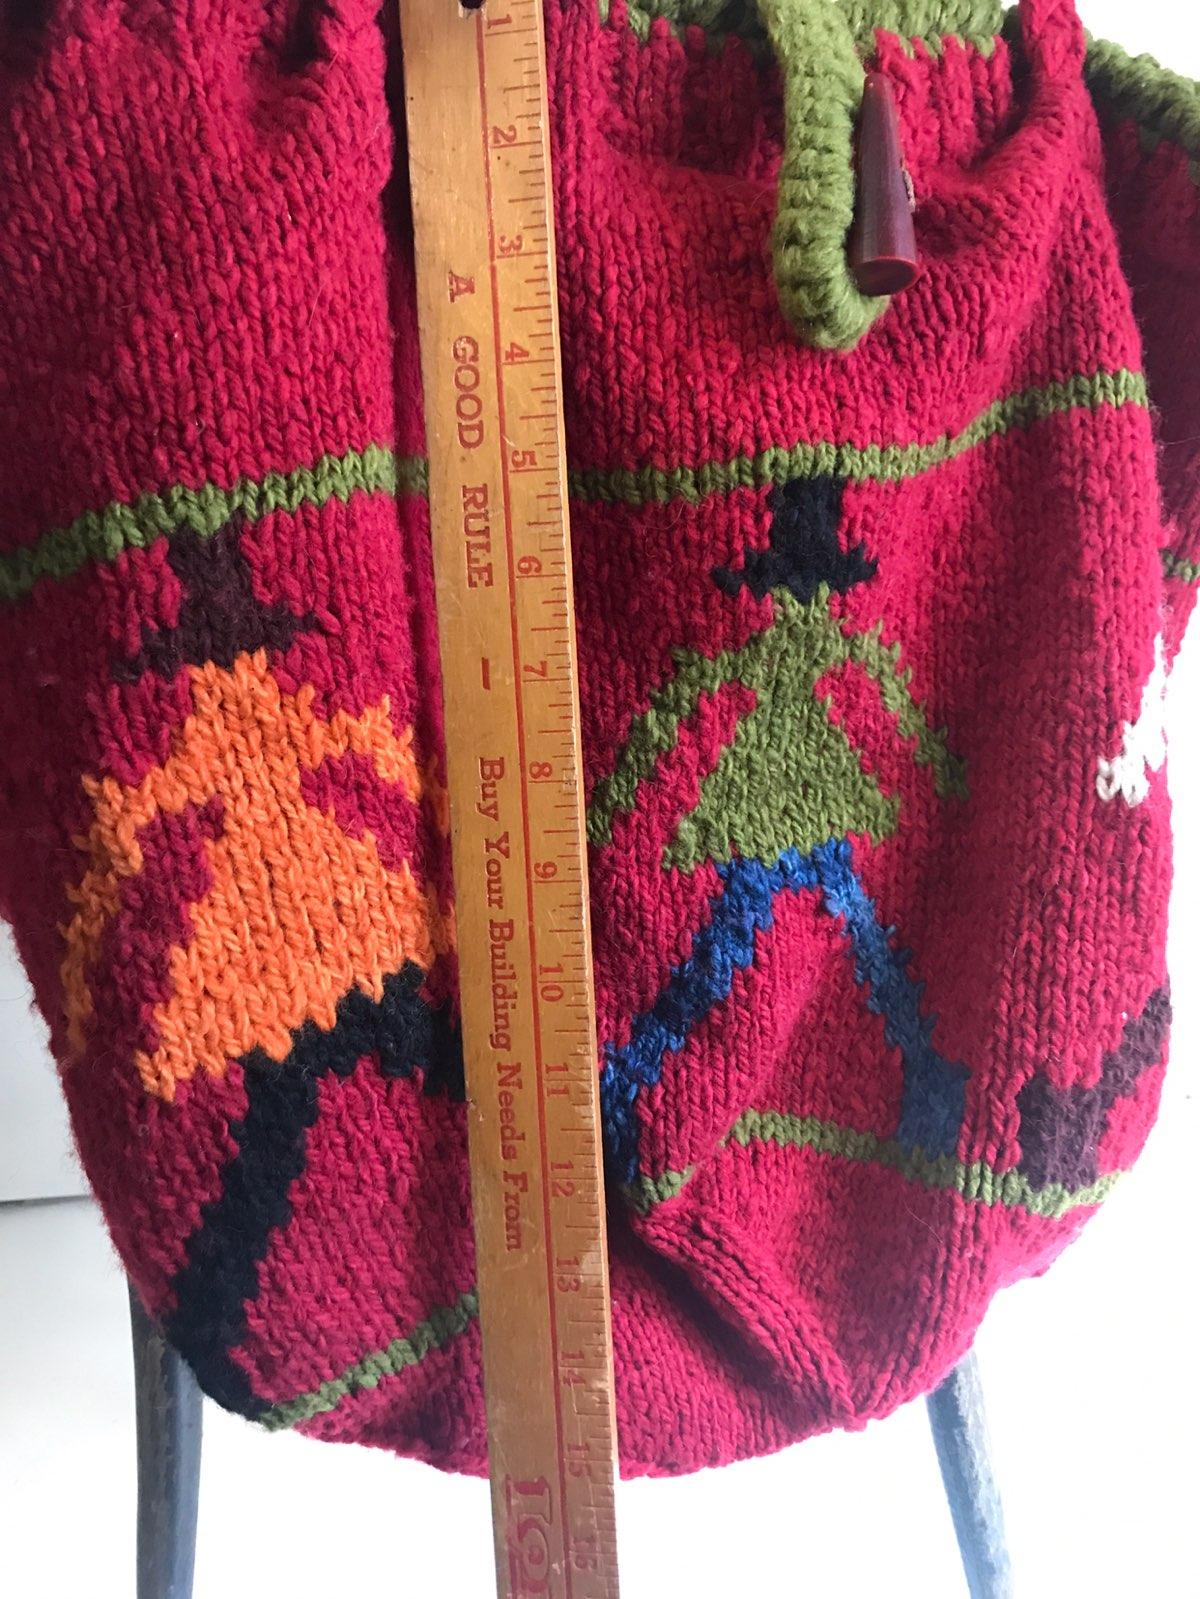 Amano 100% Wool Hobo Style Satchel